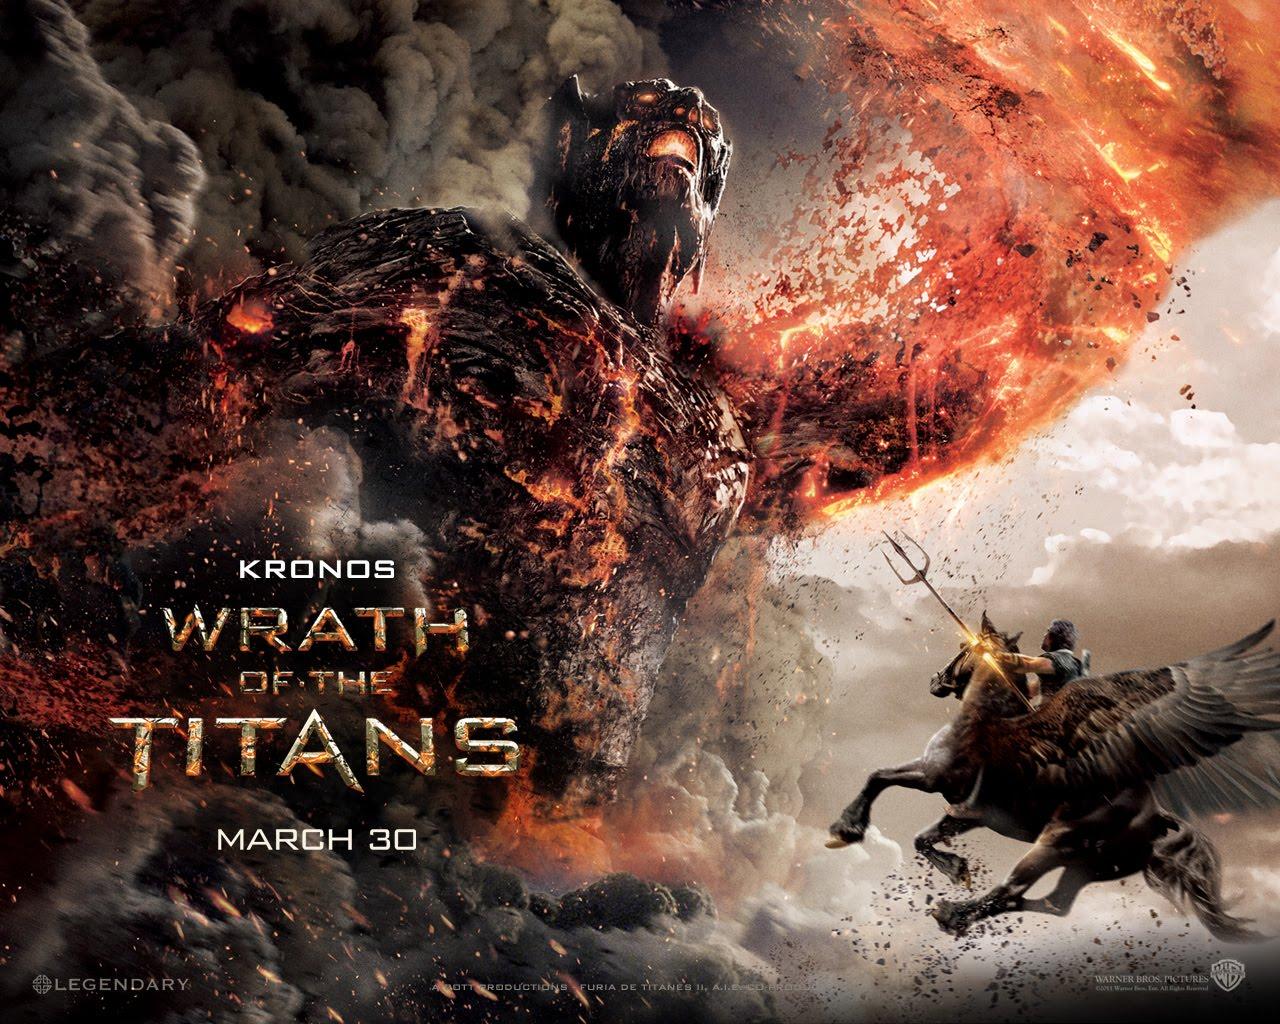 Hd Orca Wallpaper Furia De Titanes 2 Wallpapers Wrath Of The Titans